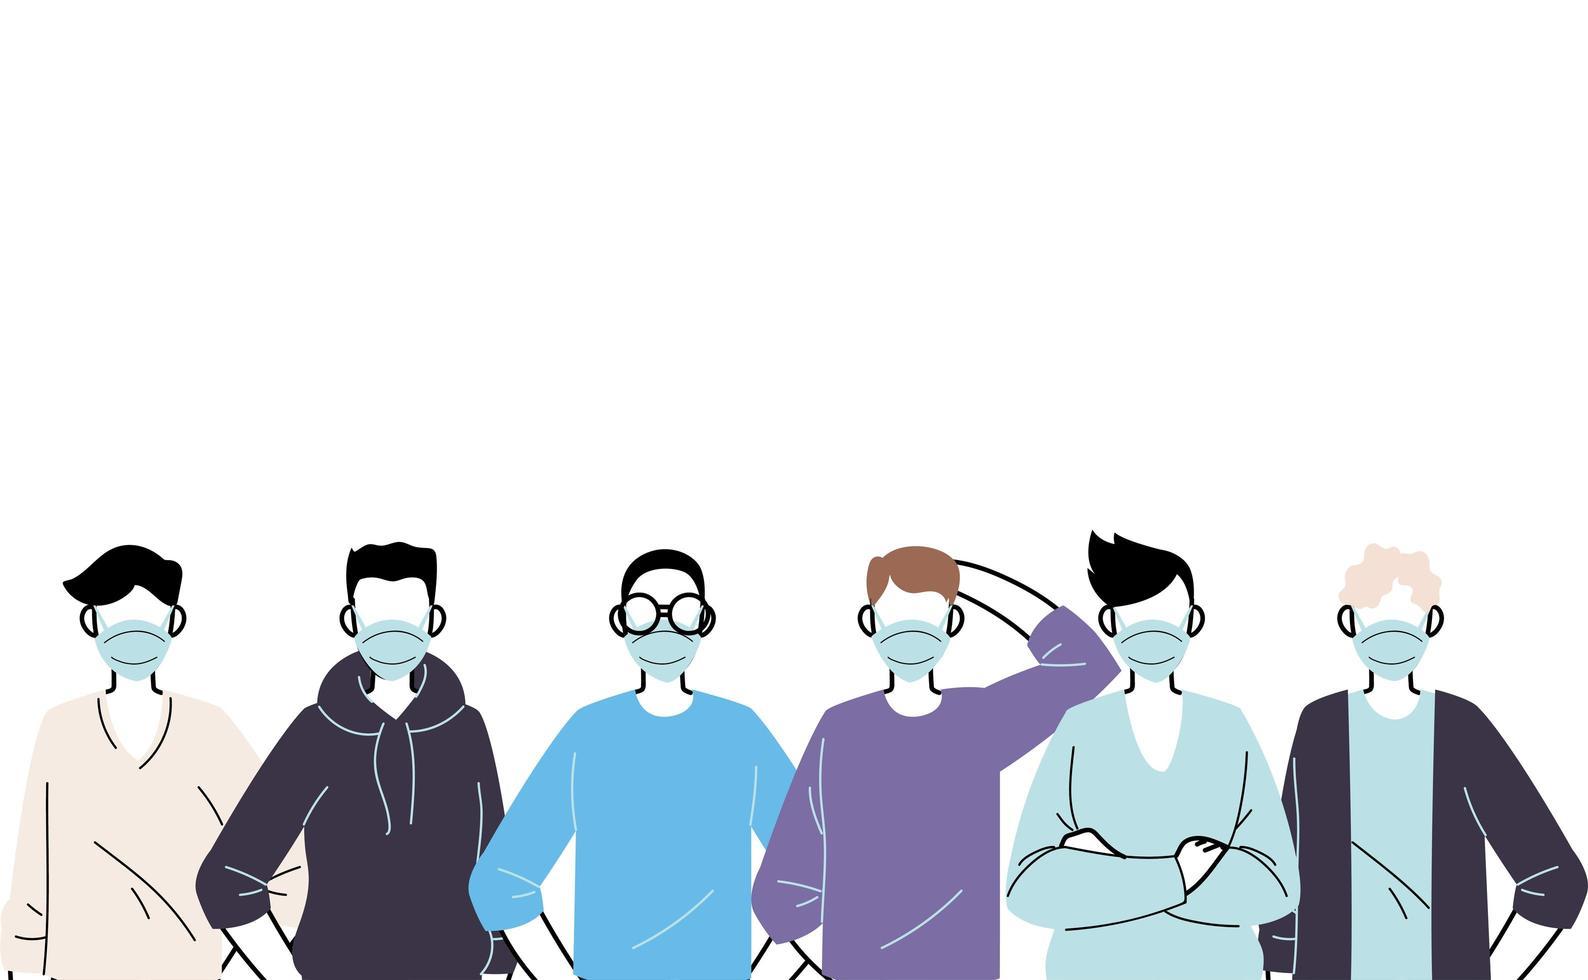 jeunes hommes portant des masques faciaux pour prévenir le virus vecteur